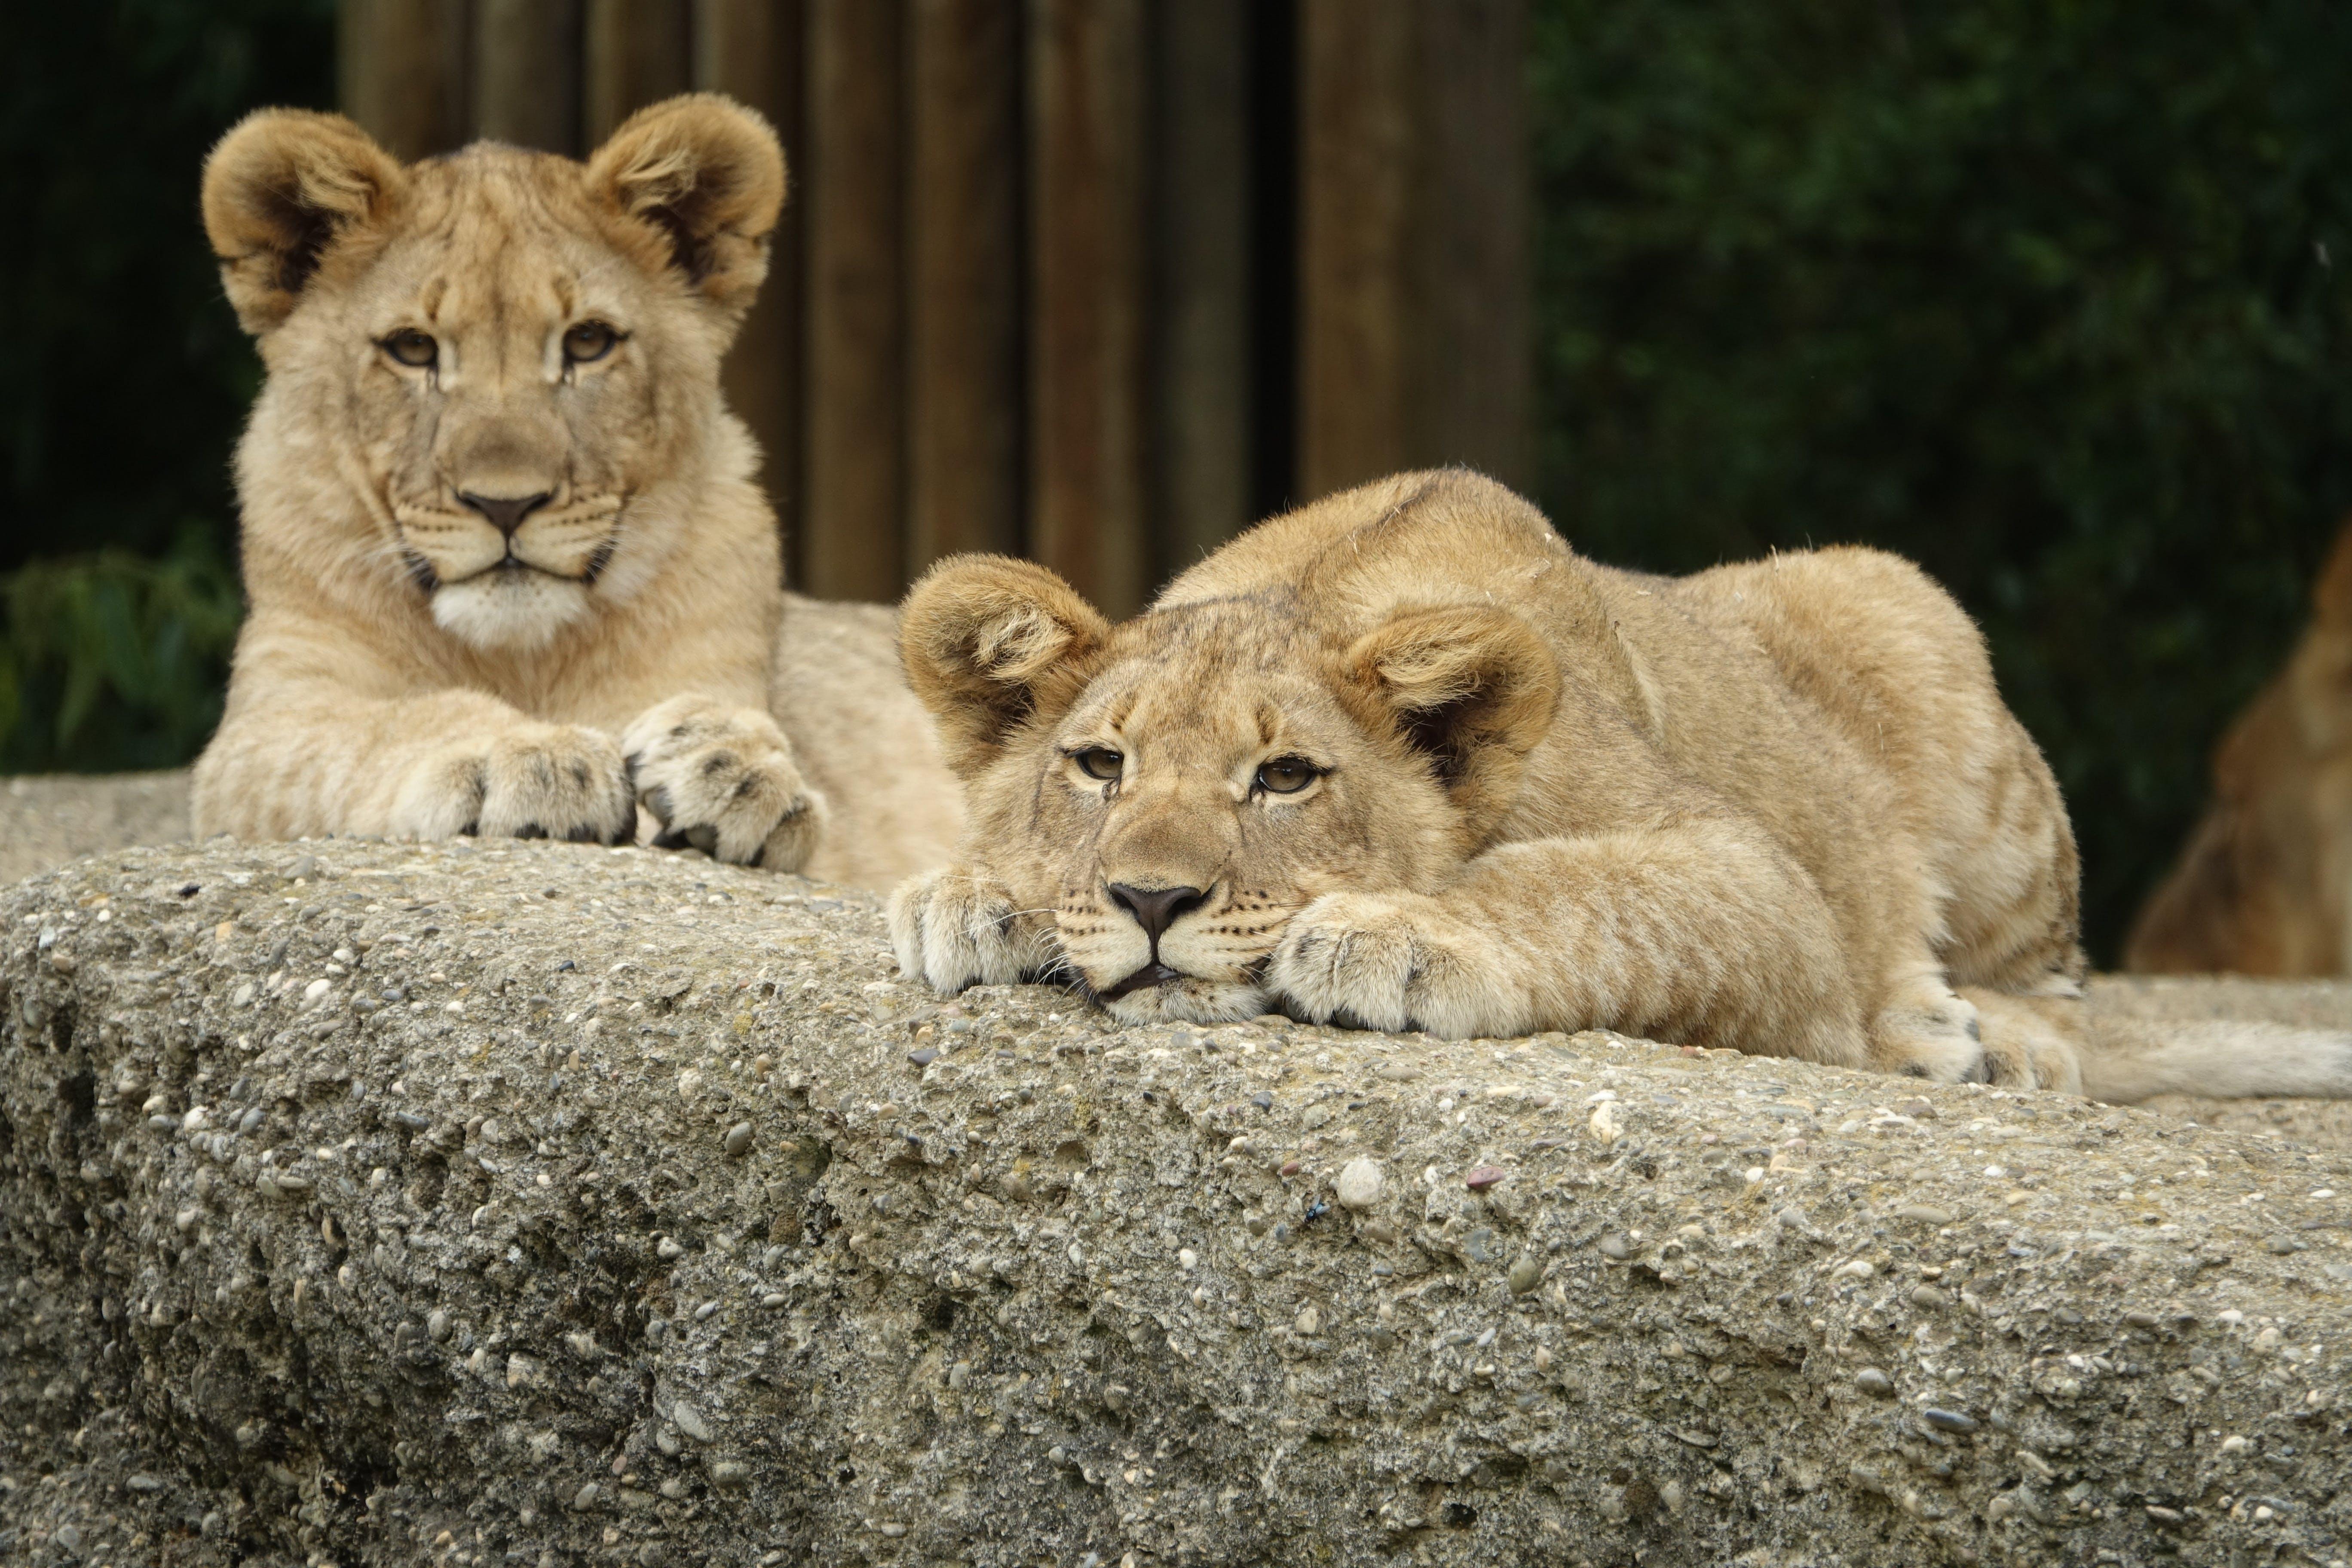 animal, animal photography, big